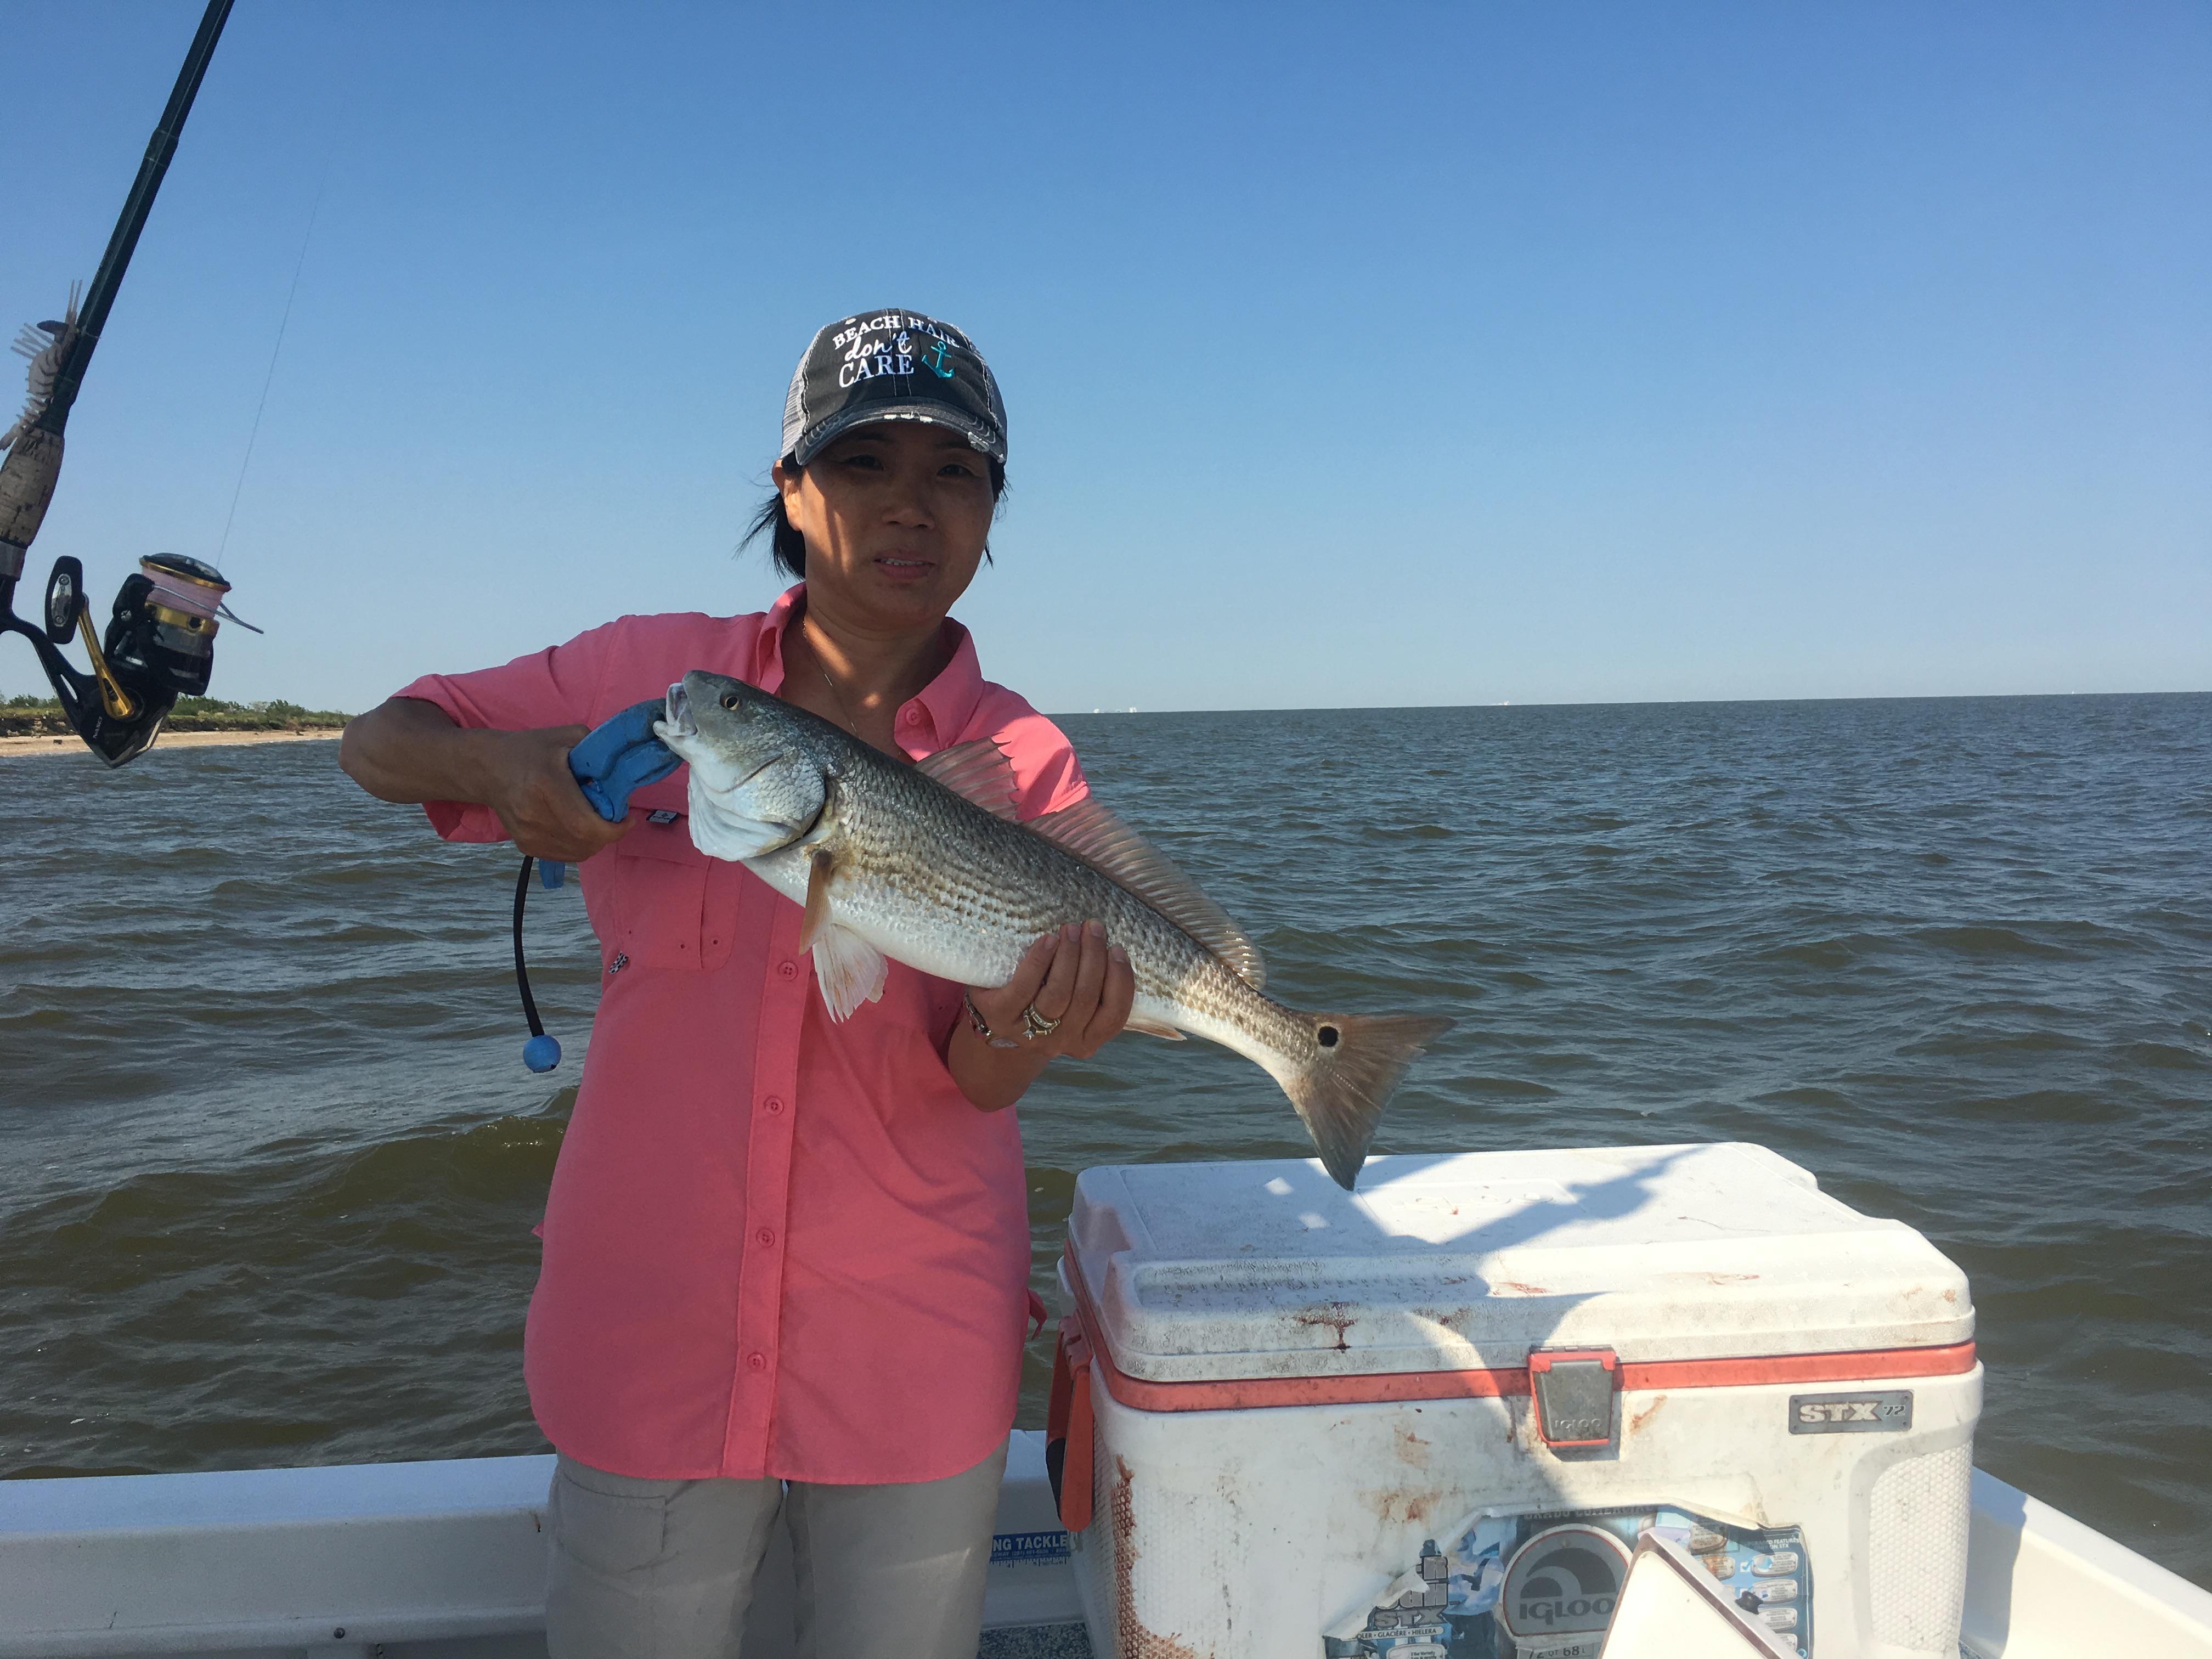 Galveston bay fishing guide charter fishing galveston texas for Fishing in galveston